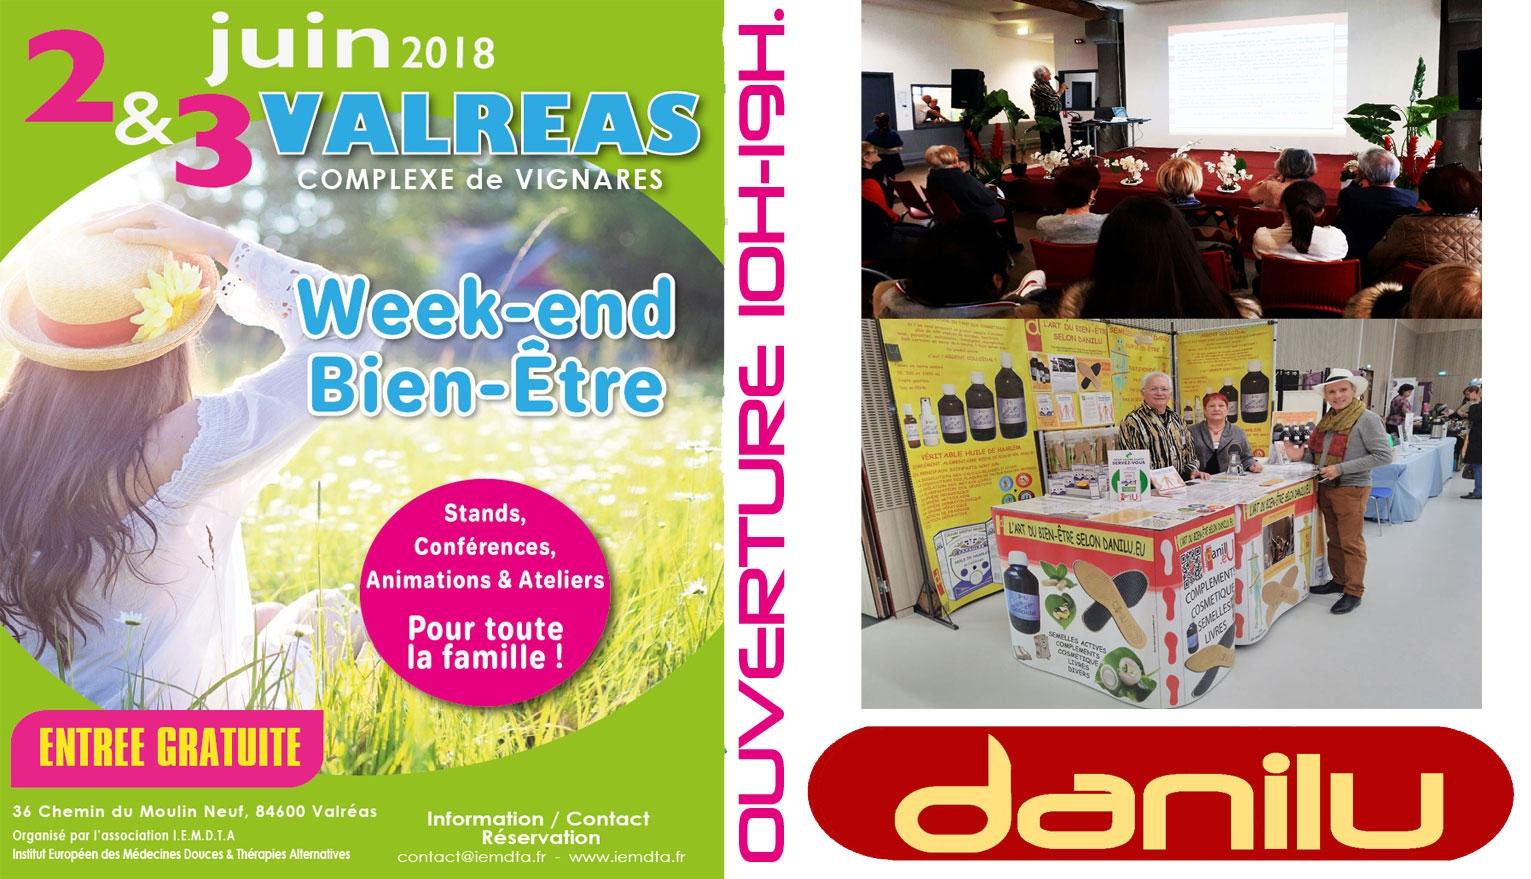 WEEK-END BIEN-ÊTRE à VALREAS 2018